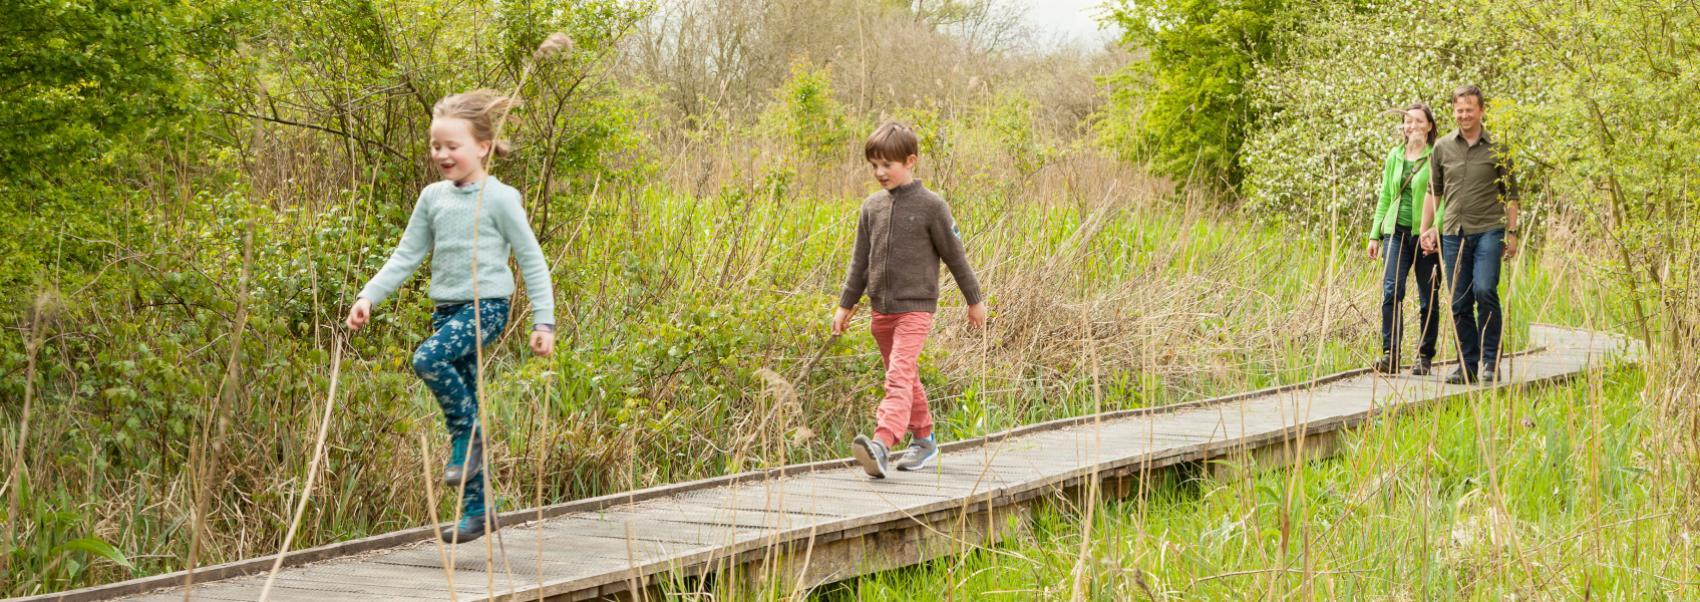 gezin aan het wandelen op een knuppelpad